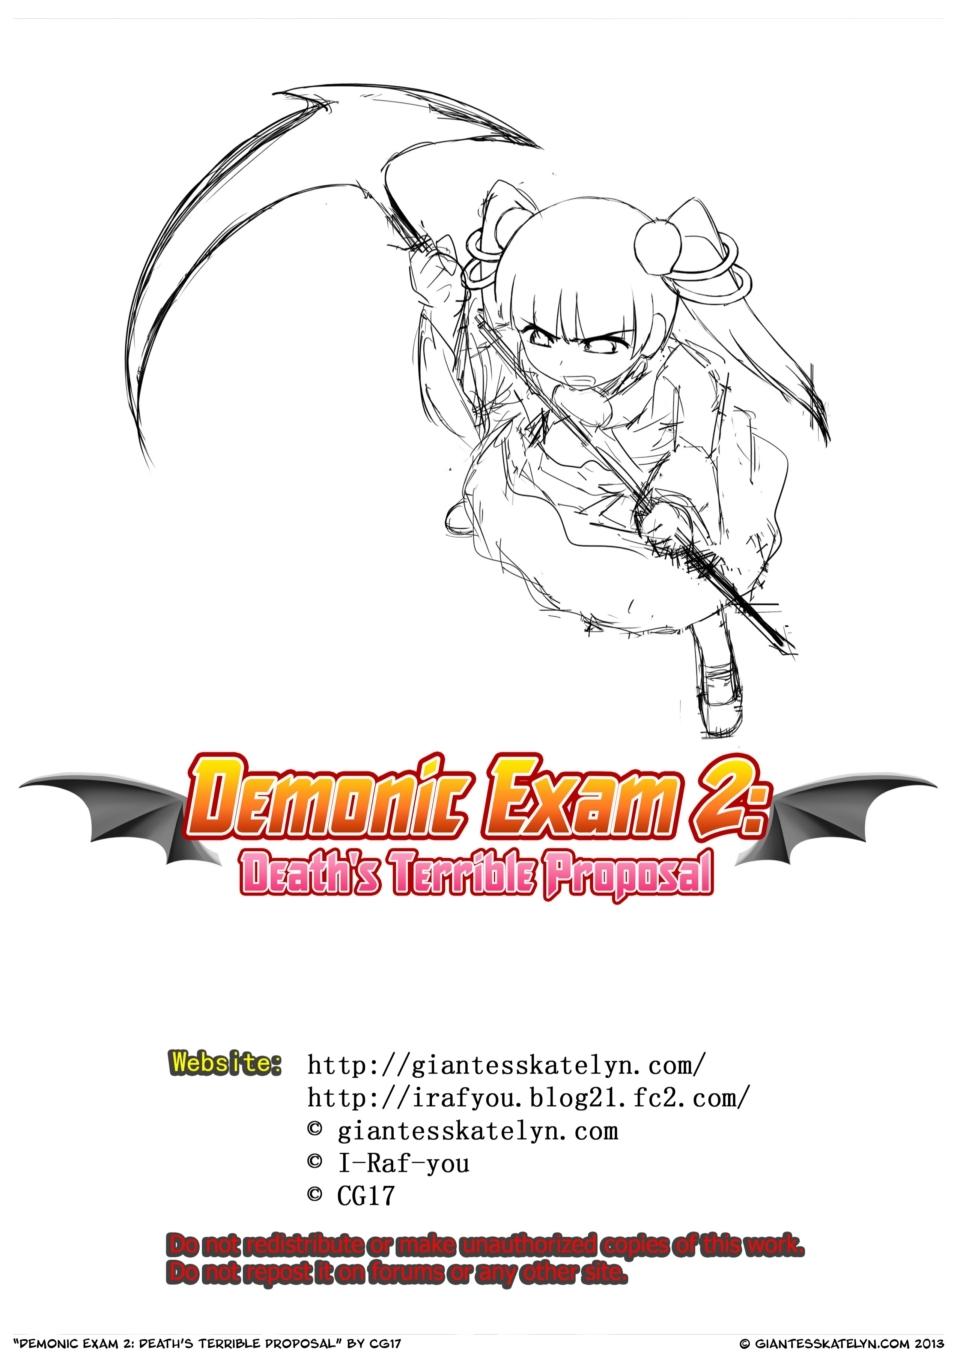 Demonic Exam 2 - part 2